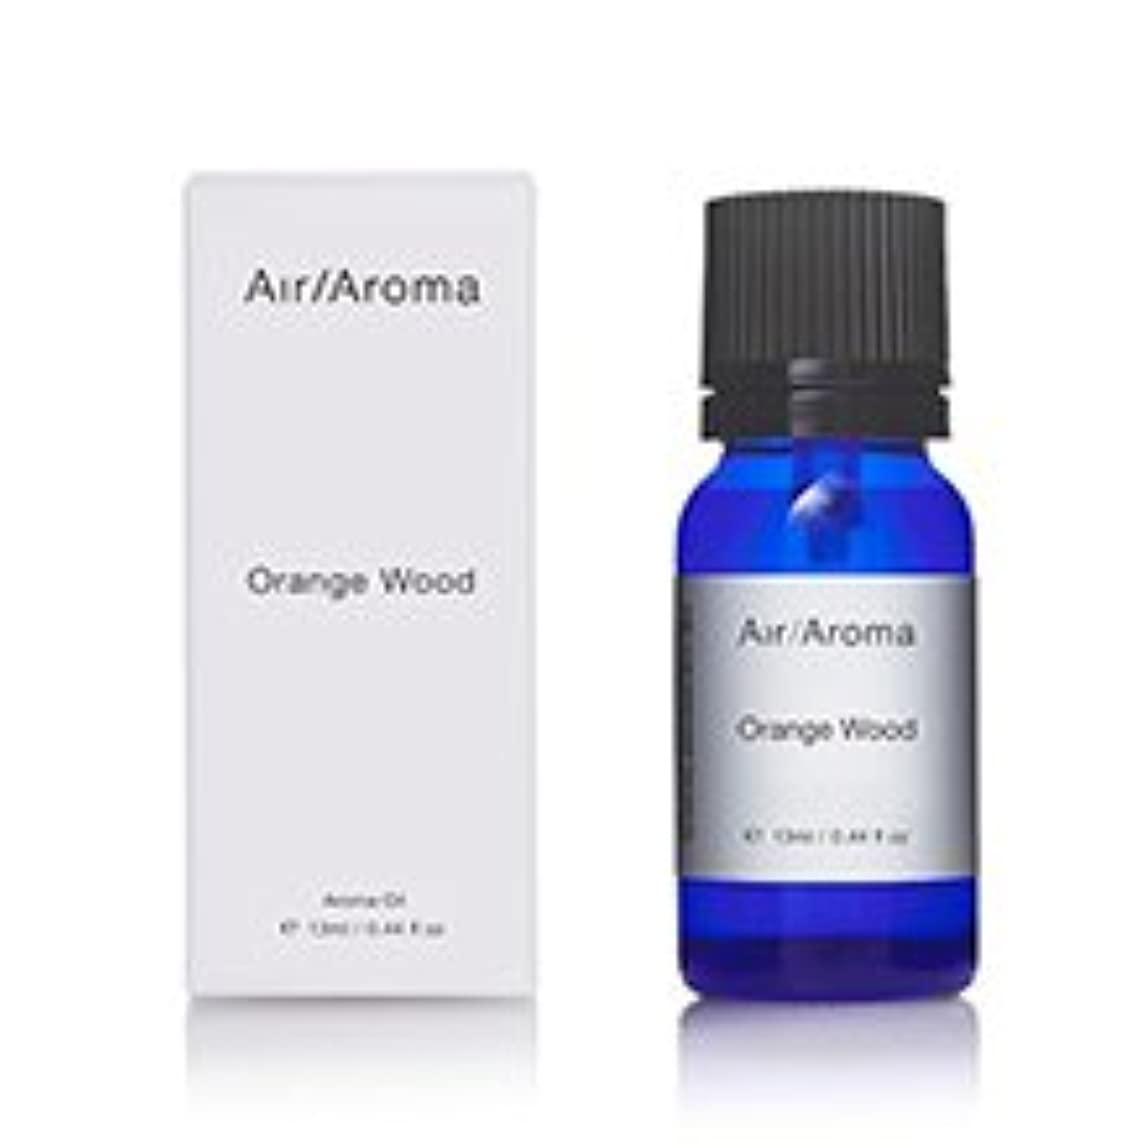 ルアー事業内容ミシン目エアアロマ orange wood(オレンジウッド)13ml